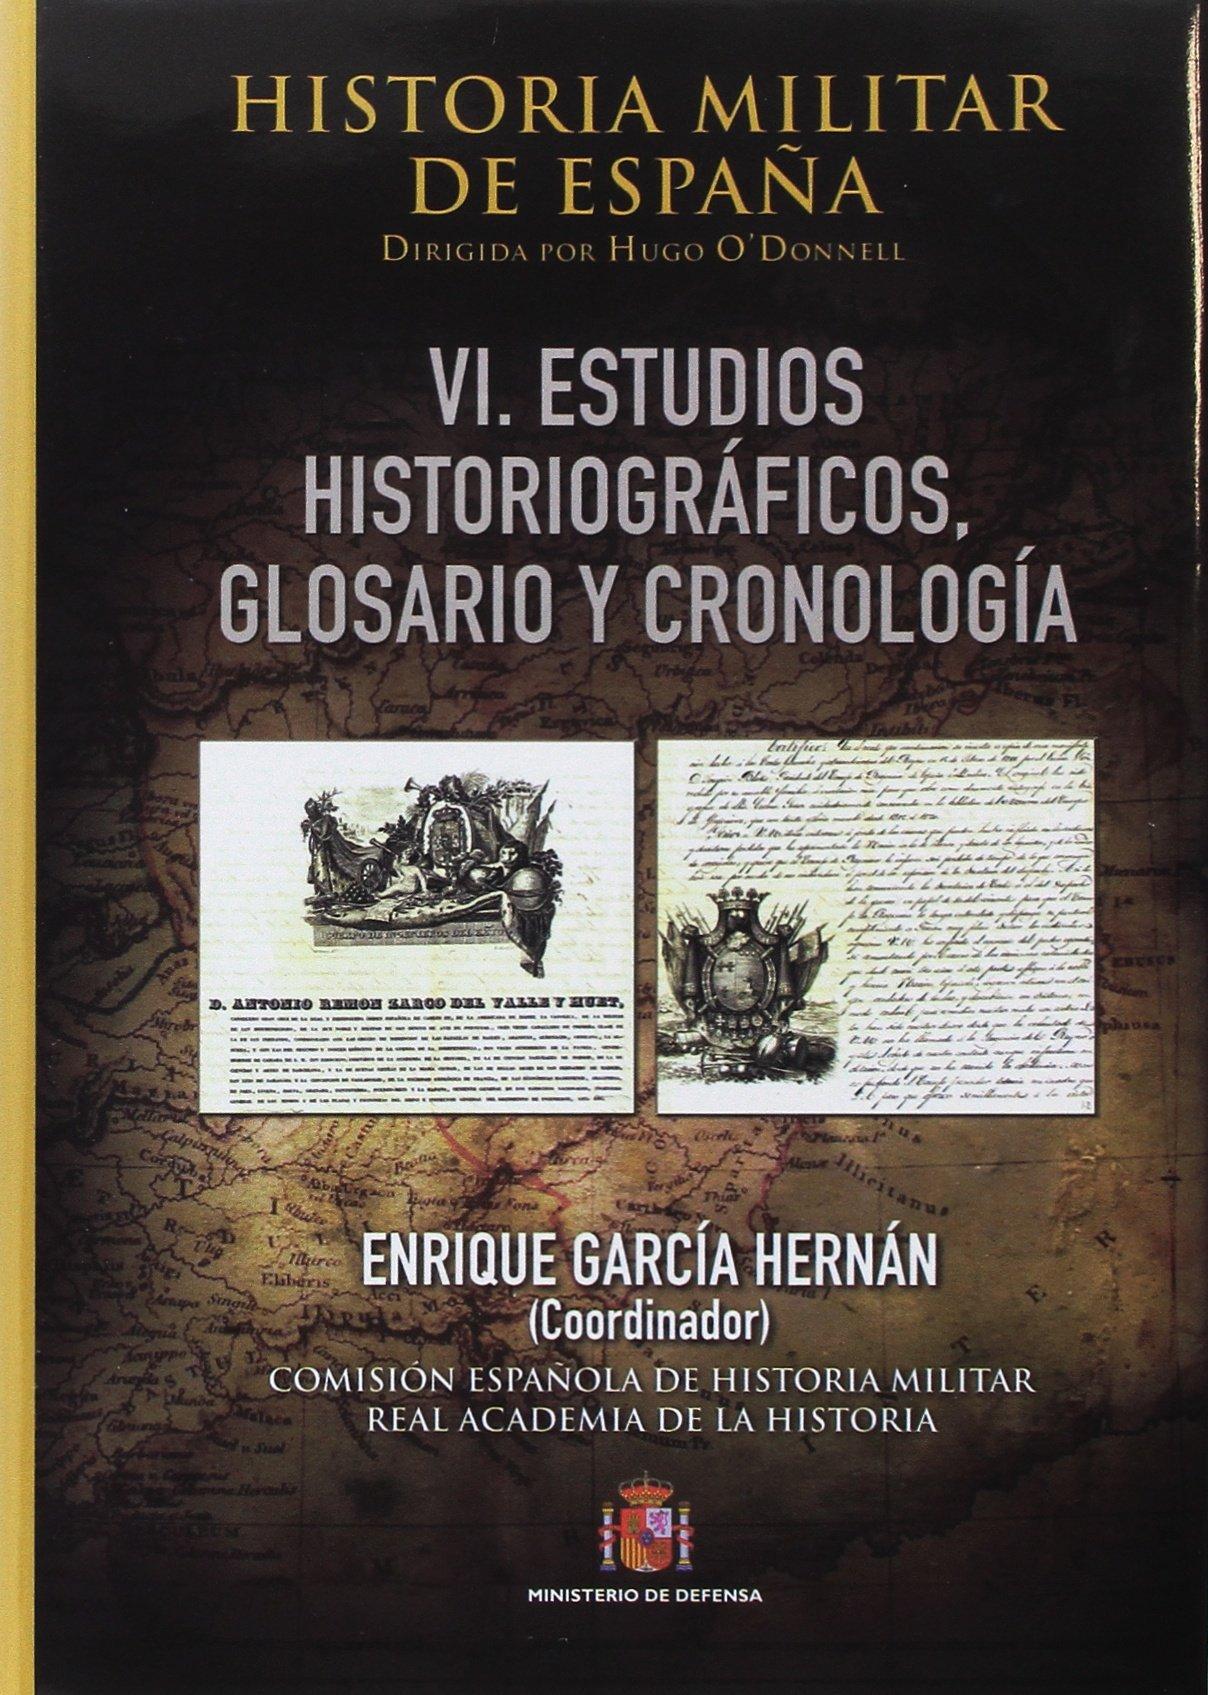 Historia Militar de España. Tomo VI. Cronología, glosario y bibliografía: Amazon.es: García Hernán, Enrique: Libros